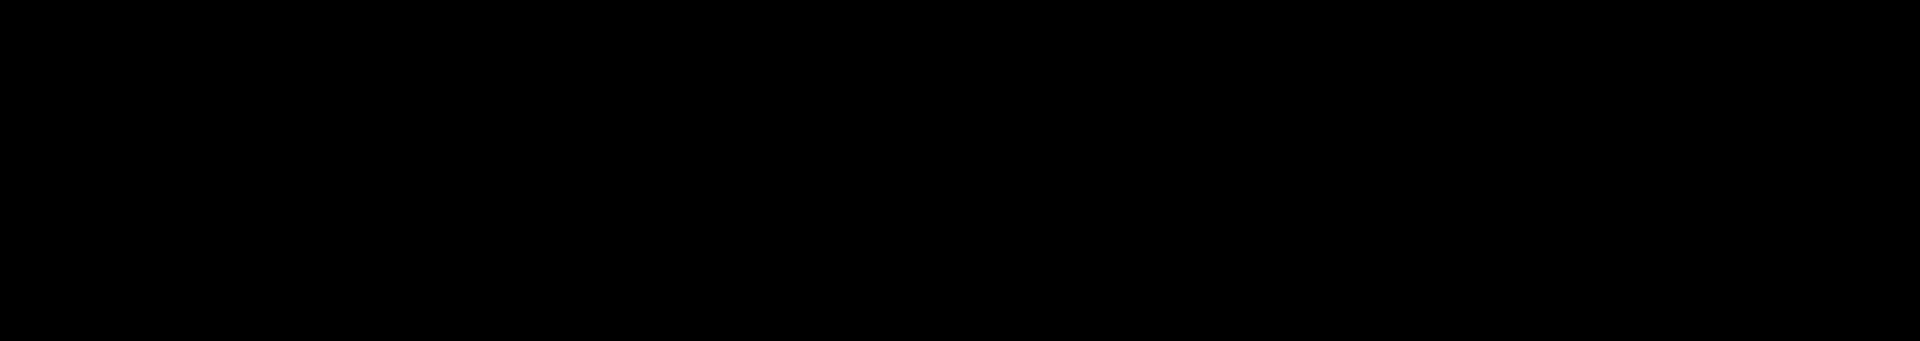 logo antropia